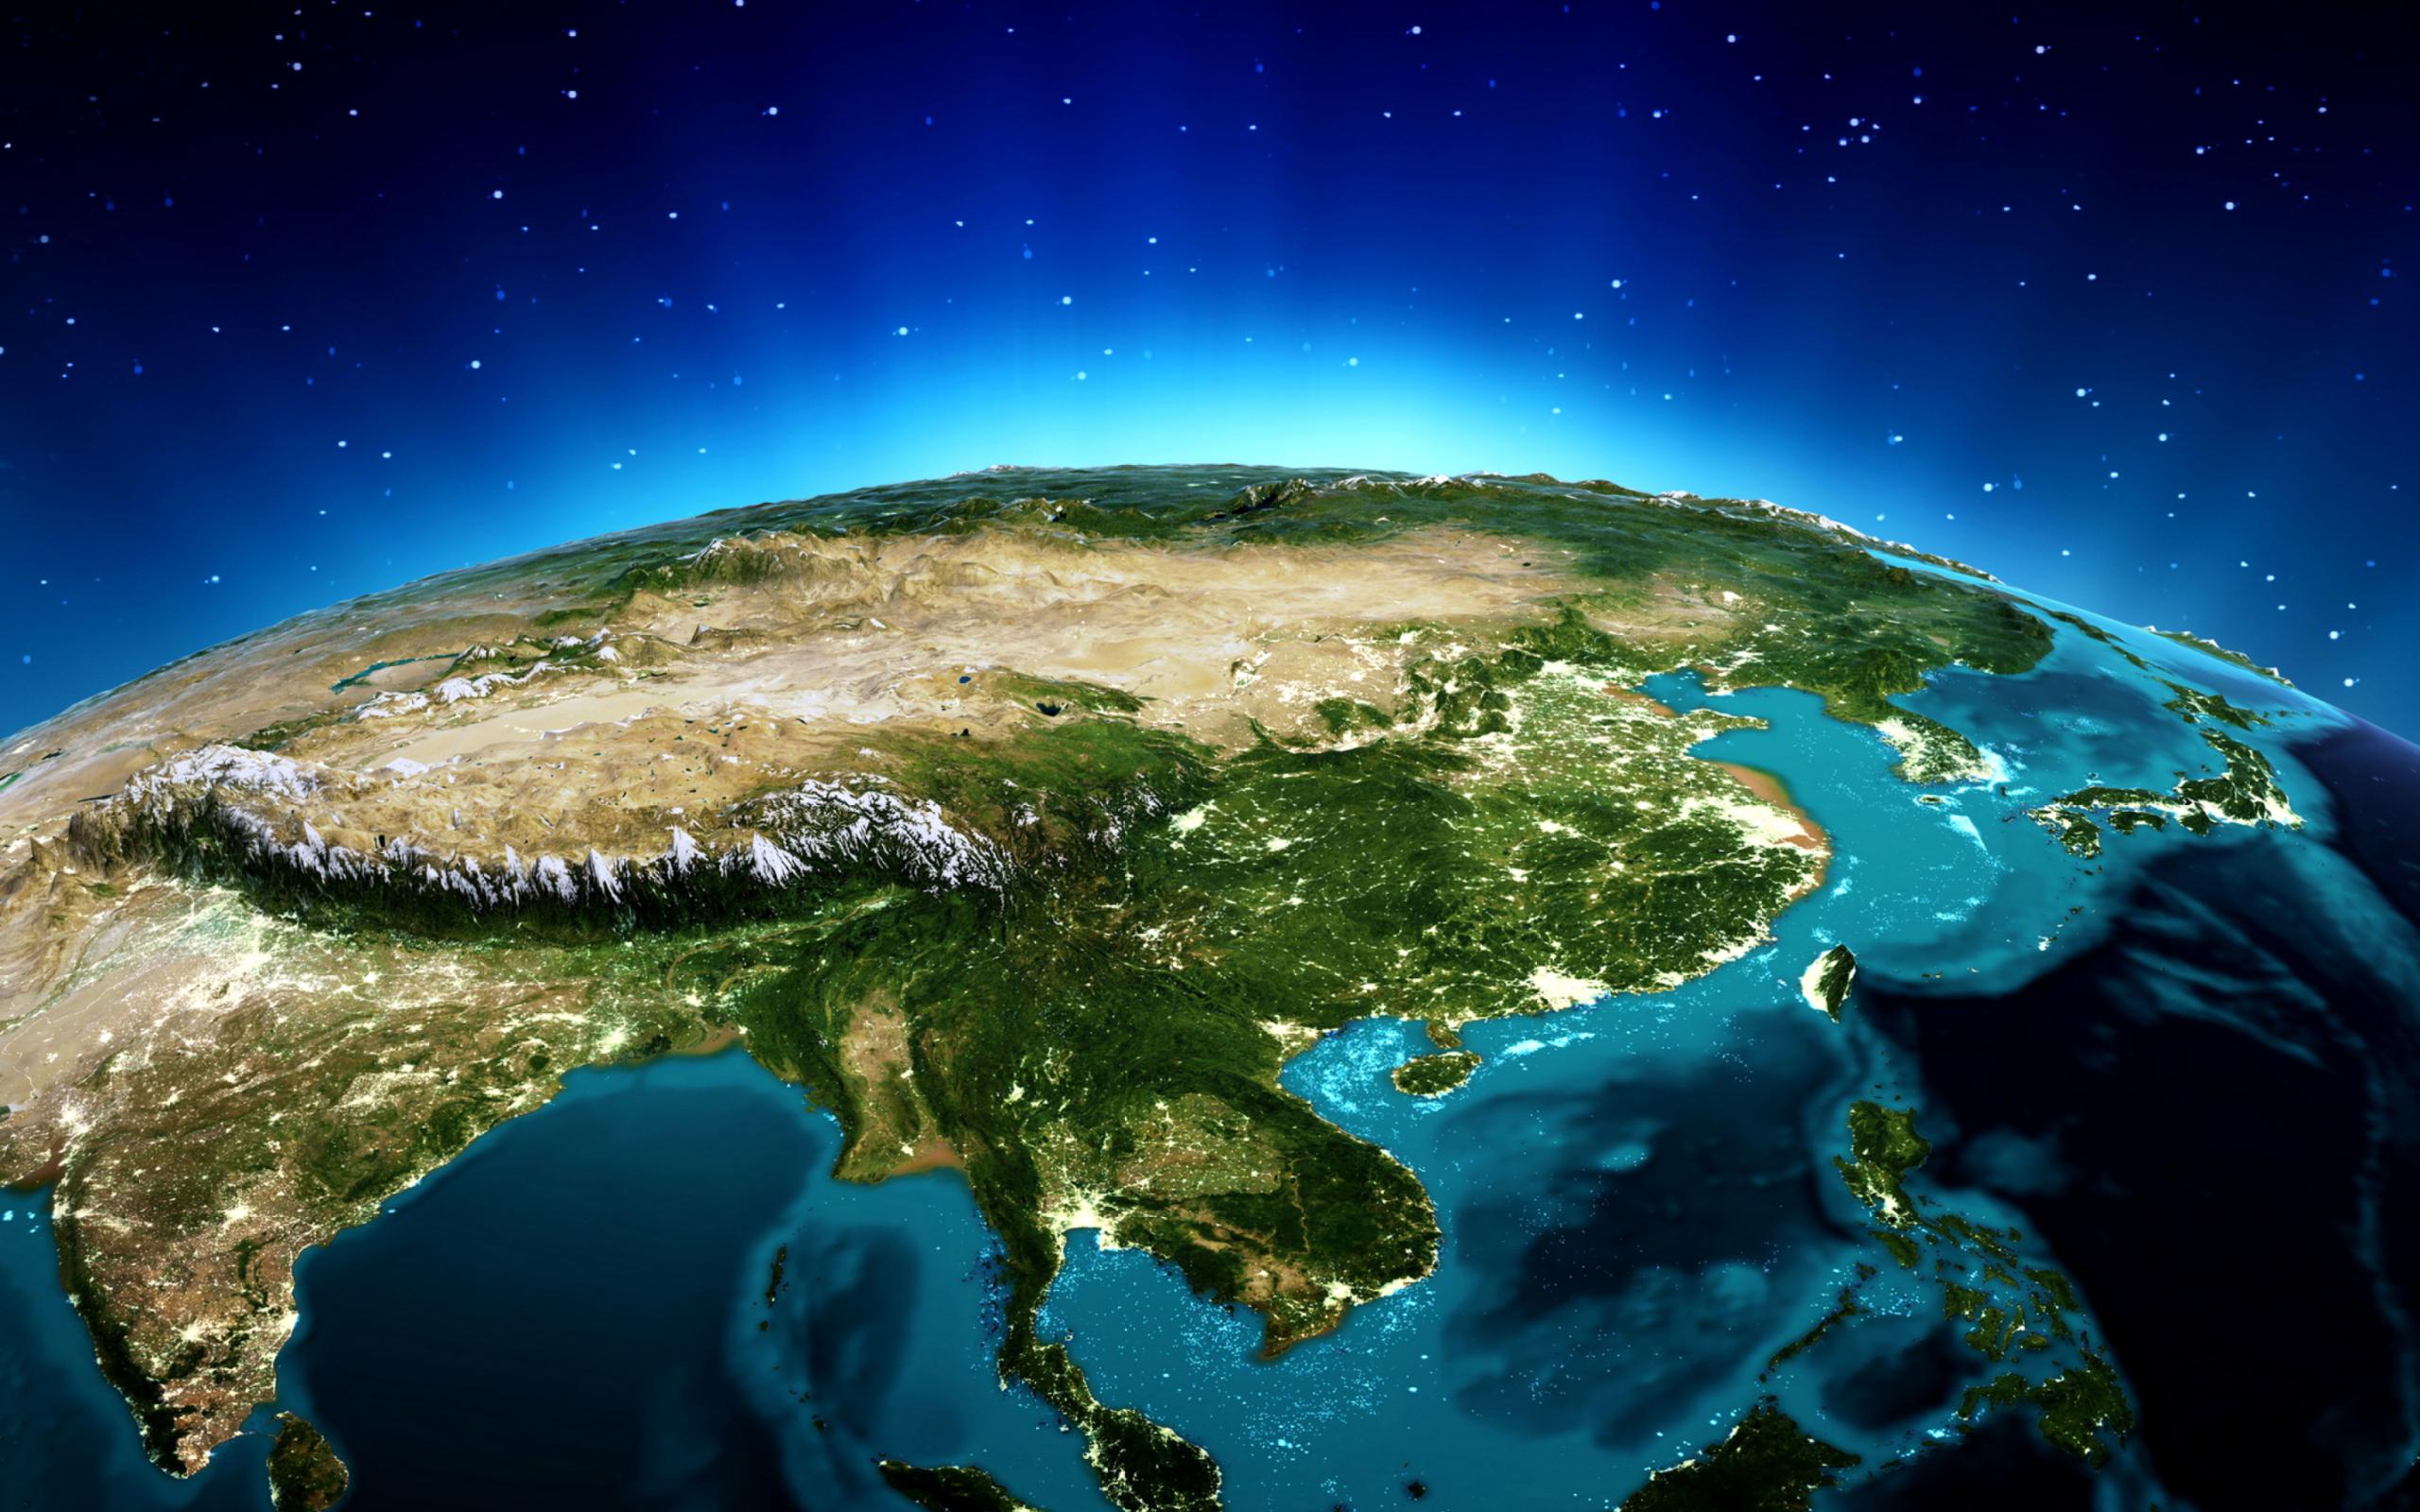 изображение земли из космоса фото благодаря этому